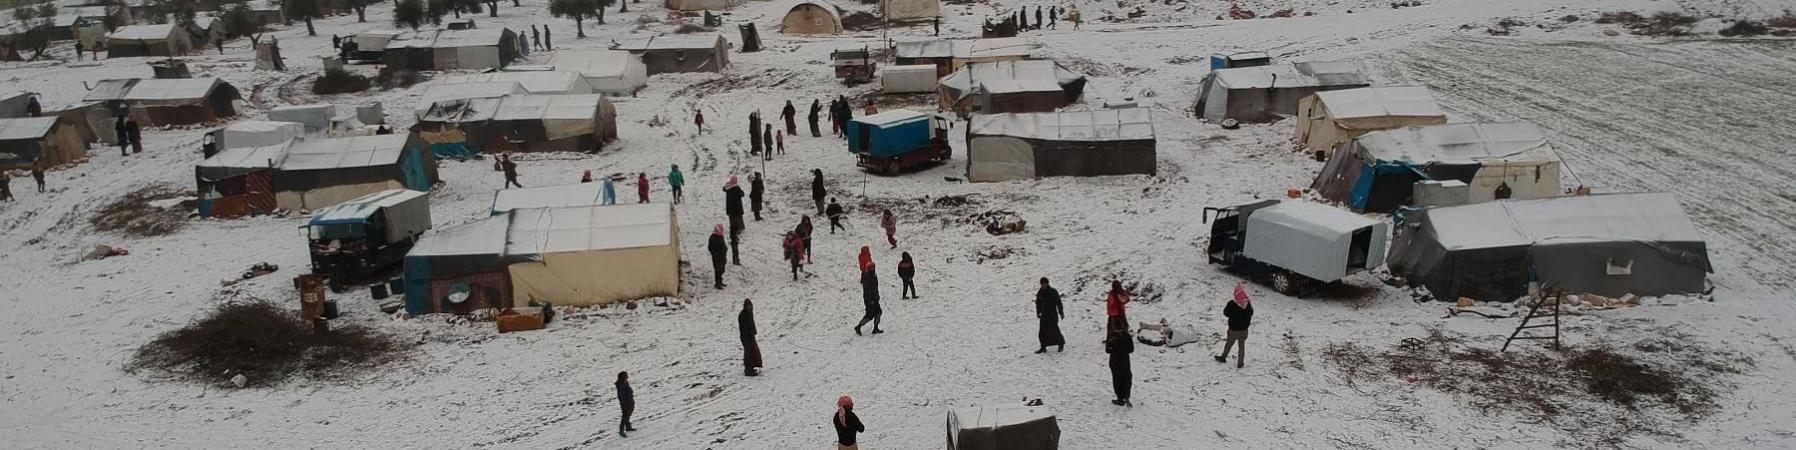 Campo rifugiati siriano coperto di neve